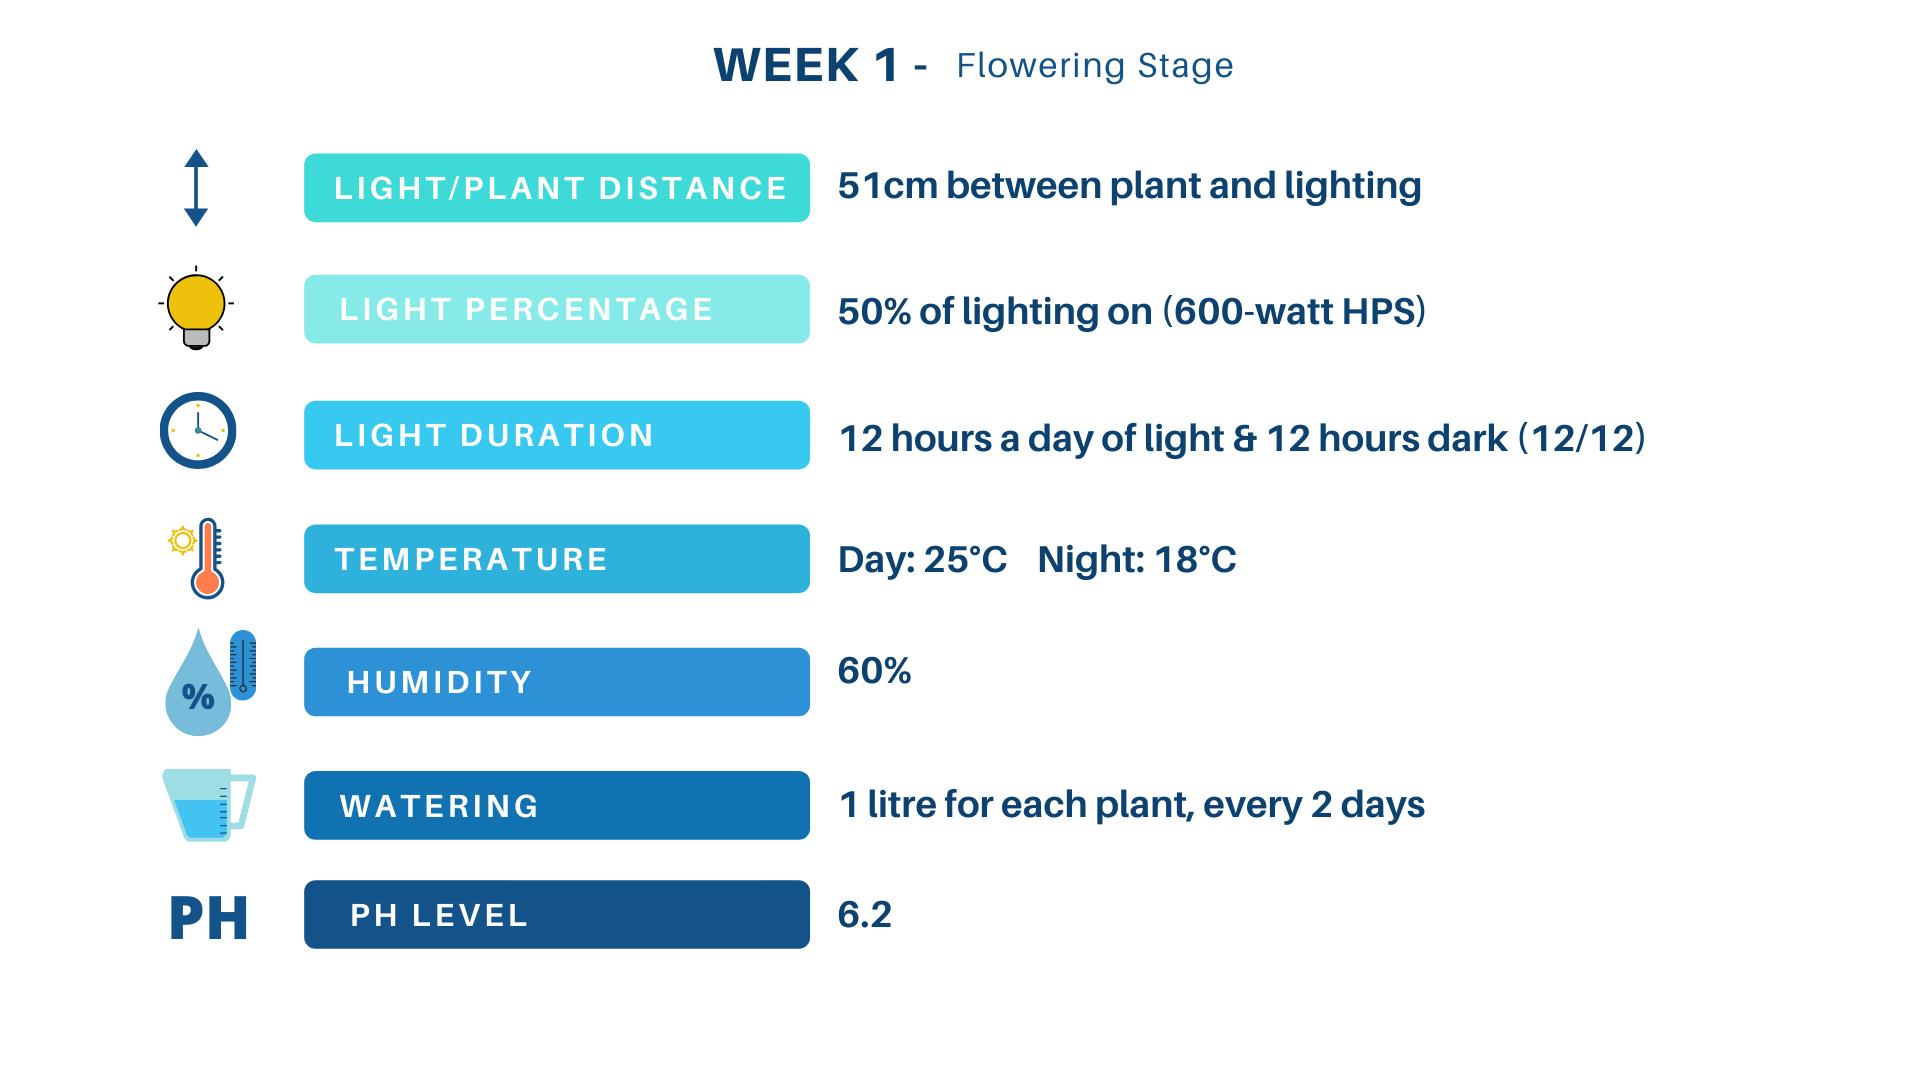 Grow schedule week 1 flowering stage